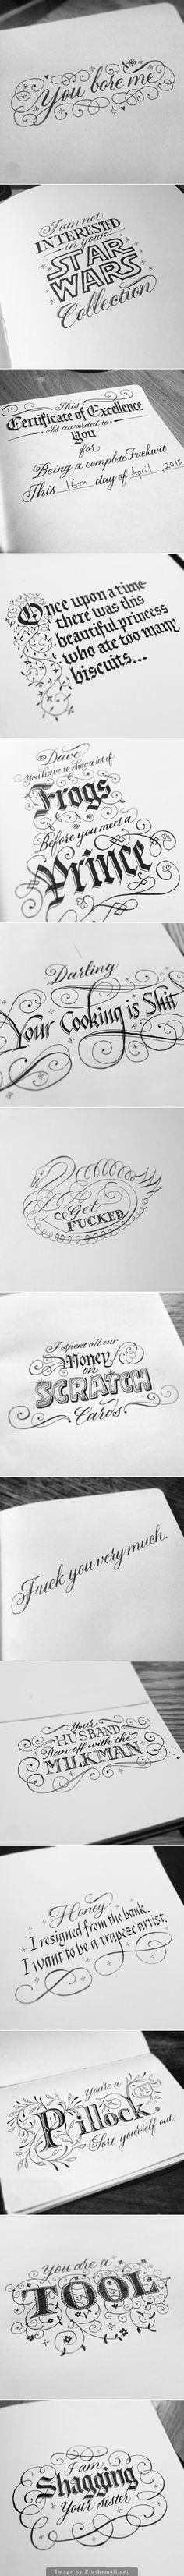 """Textos meio """"barra pesada"""" mas o que vale são as composições caligráficas,  Hilariously Offensive Calligraphy by Seb Lester"""